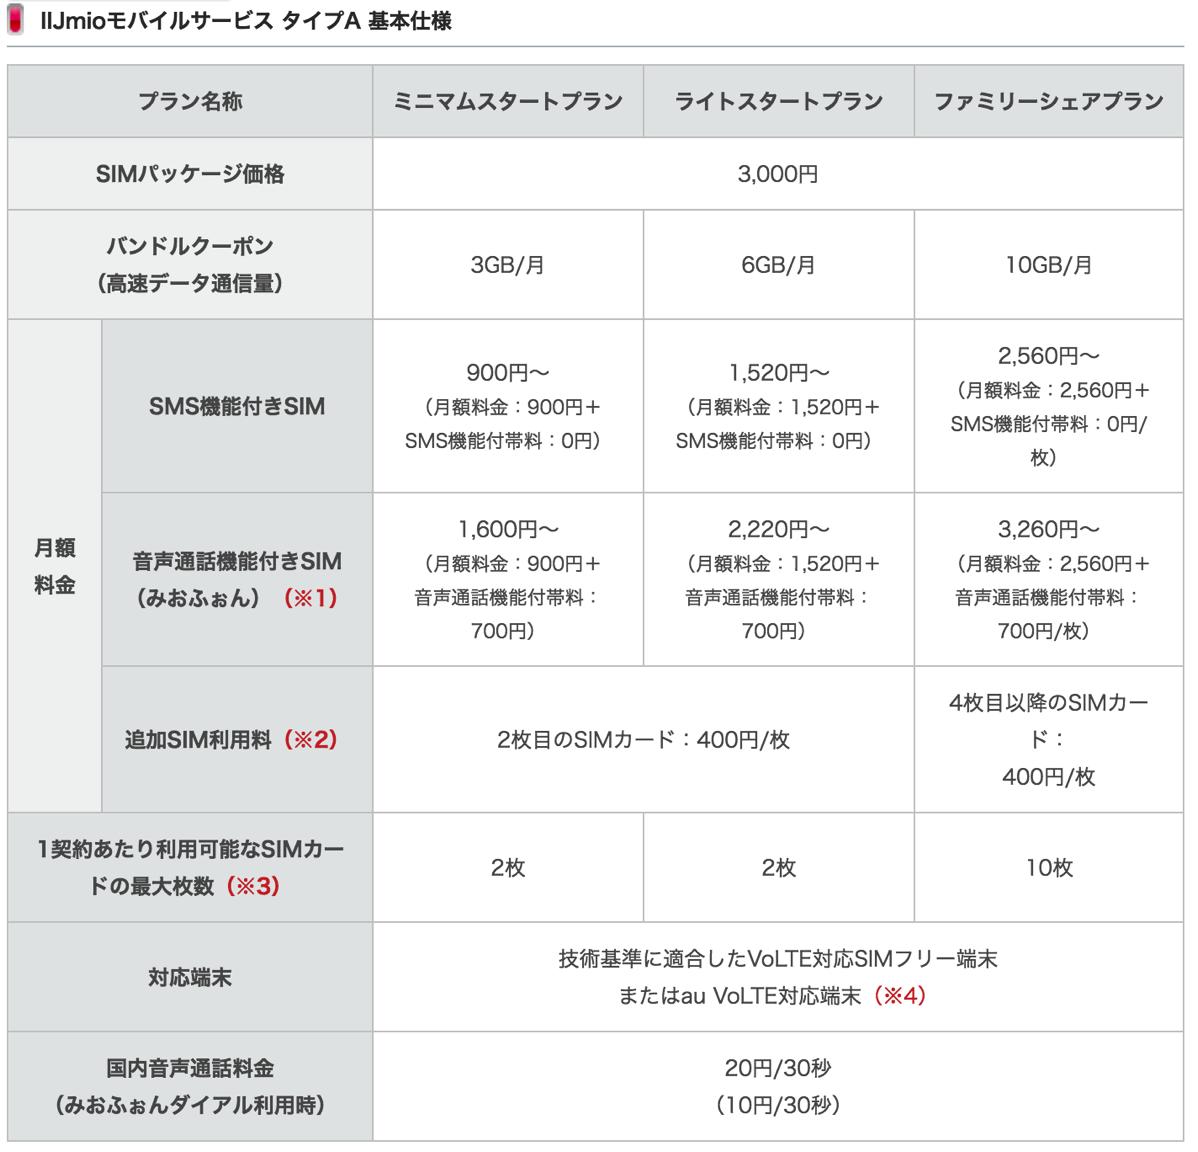 IIJ、auの4G LTE回線のMVNOサービスを10月より提供 – 契約事務手数料やSIMカード追加手数料が2,000円引きのキャンペーンも開催